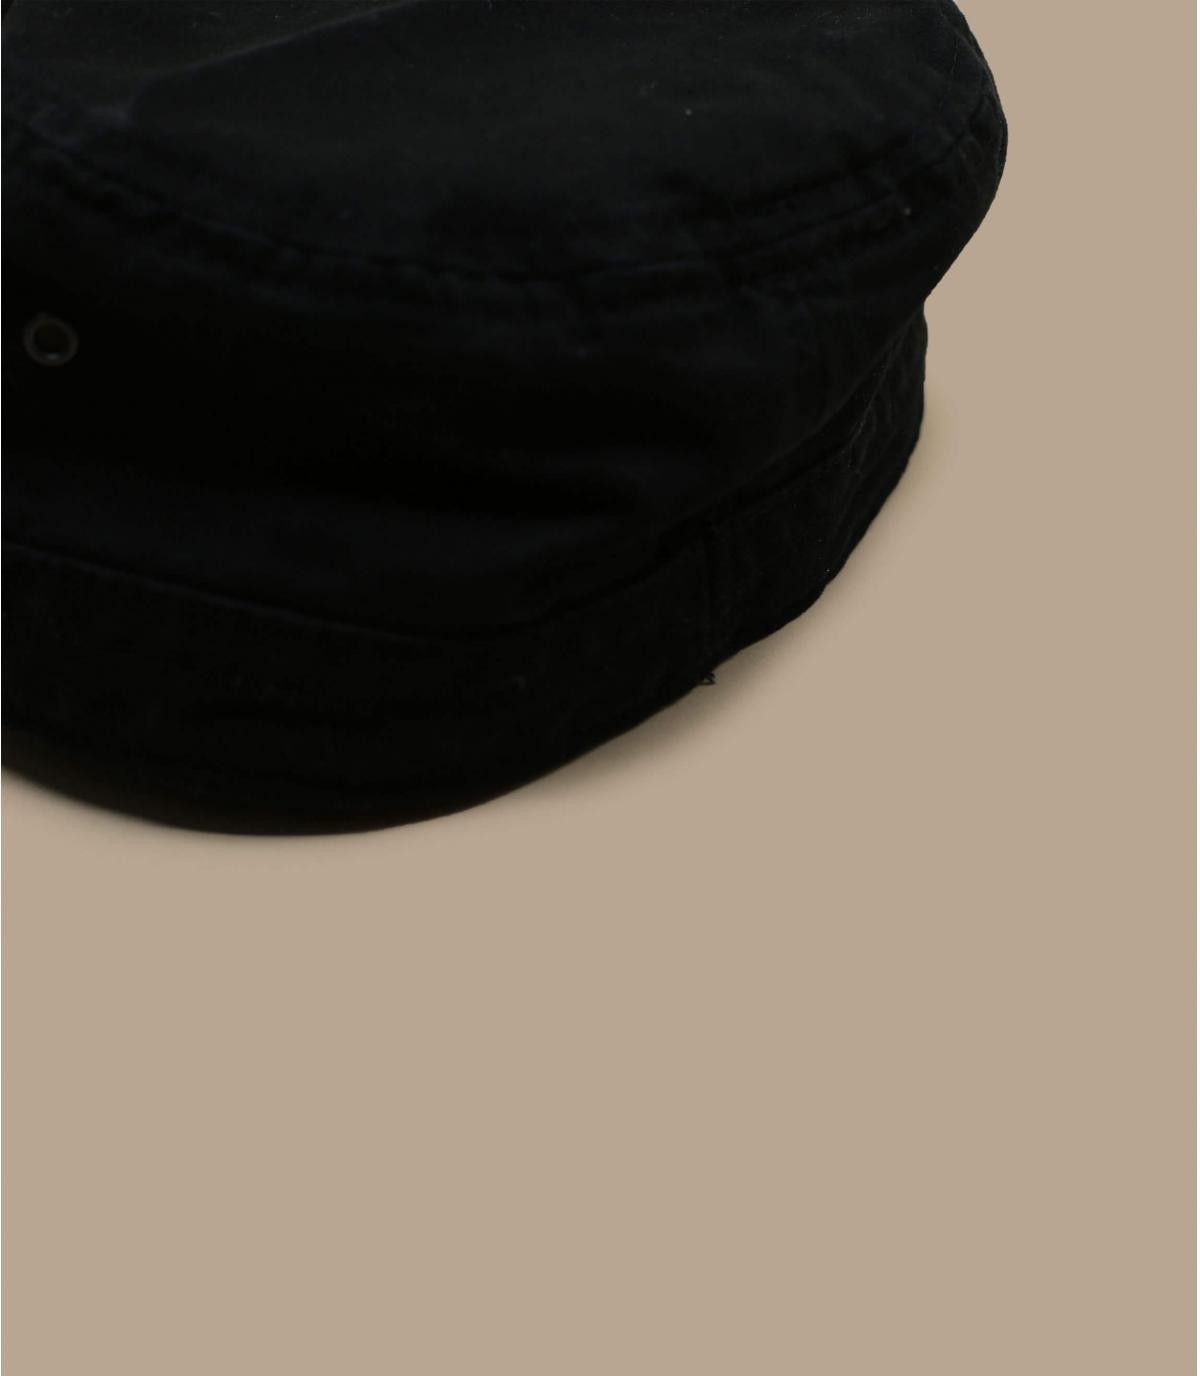 Détails Santiago noir - image 4